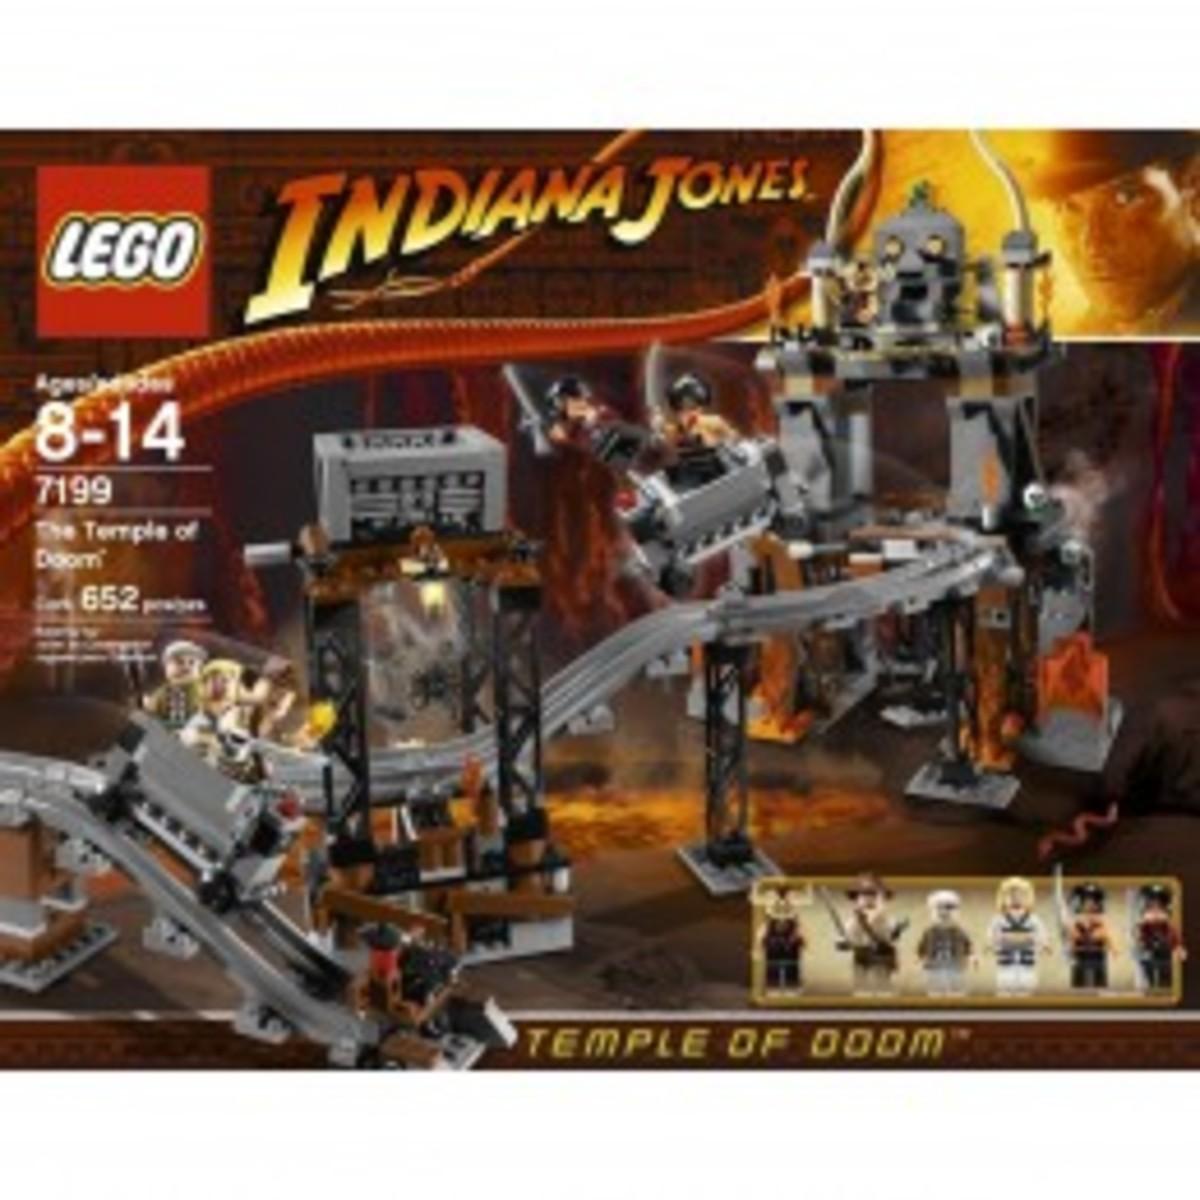 Lego Indiana Jones The Temple of Doom 7199 Box